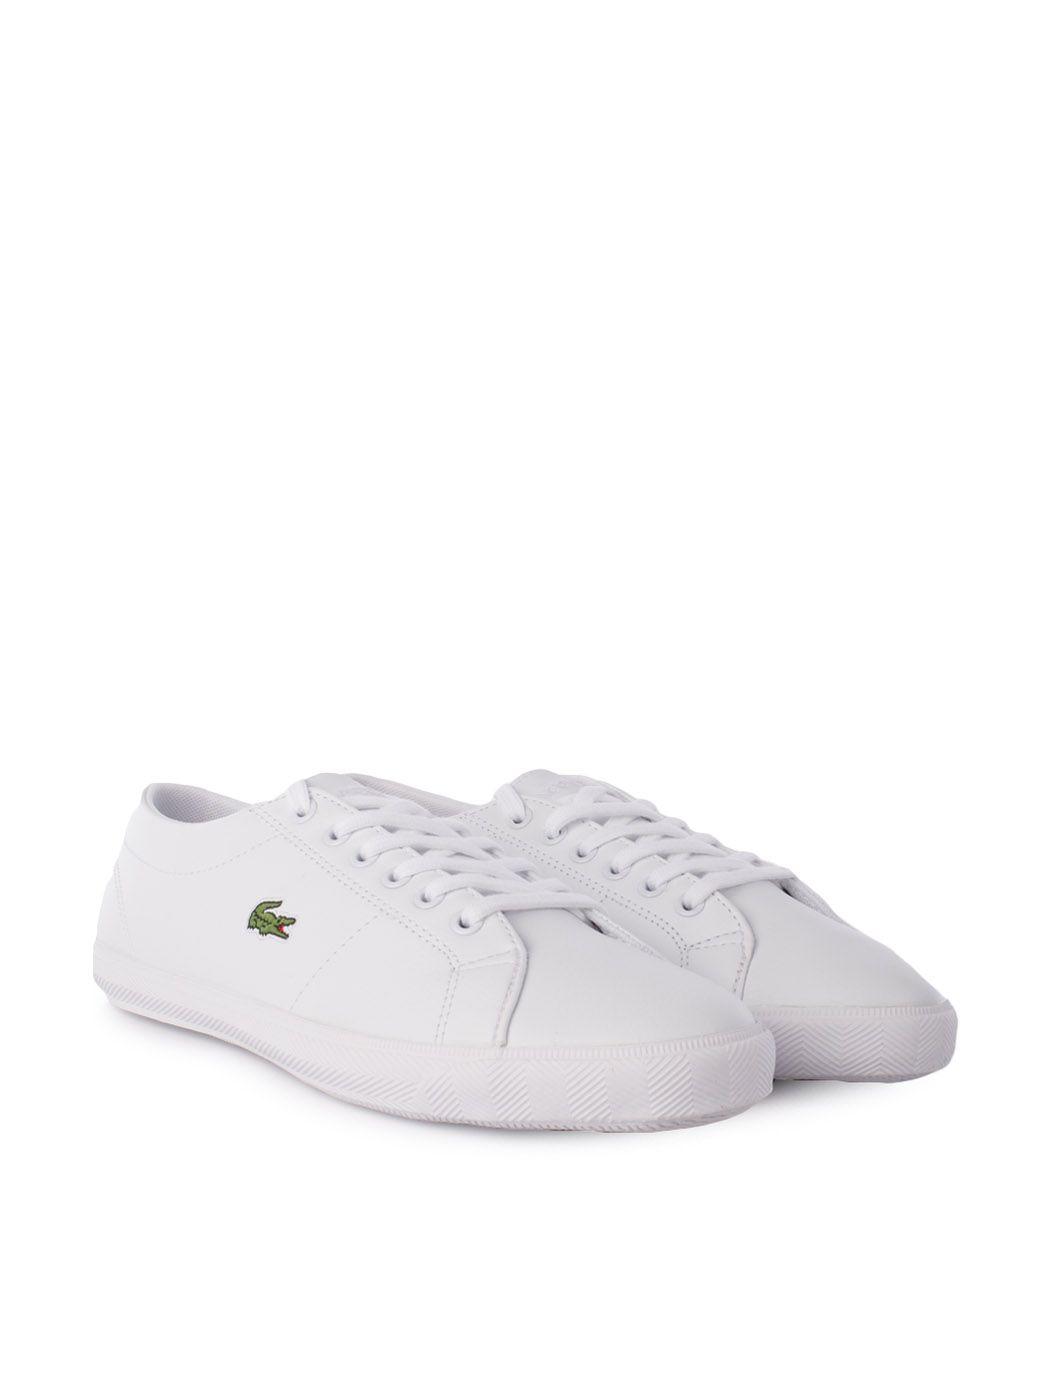 Dalliy - Cordones de zapatos de Lona hombre Blanco A huXGOx68